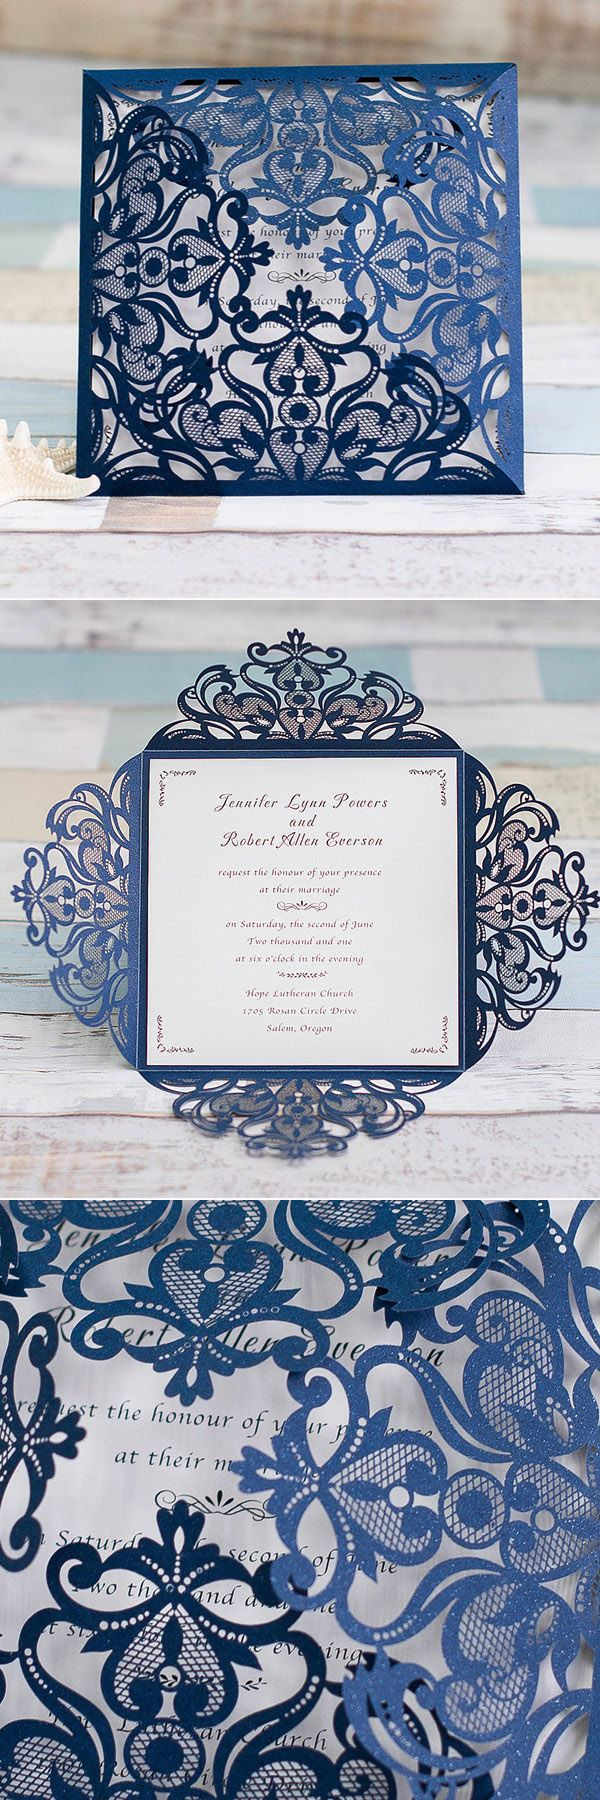 エレガントなネイビーブルーレーザーカット結婚式の招待状